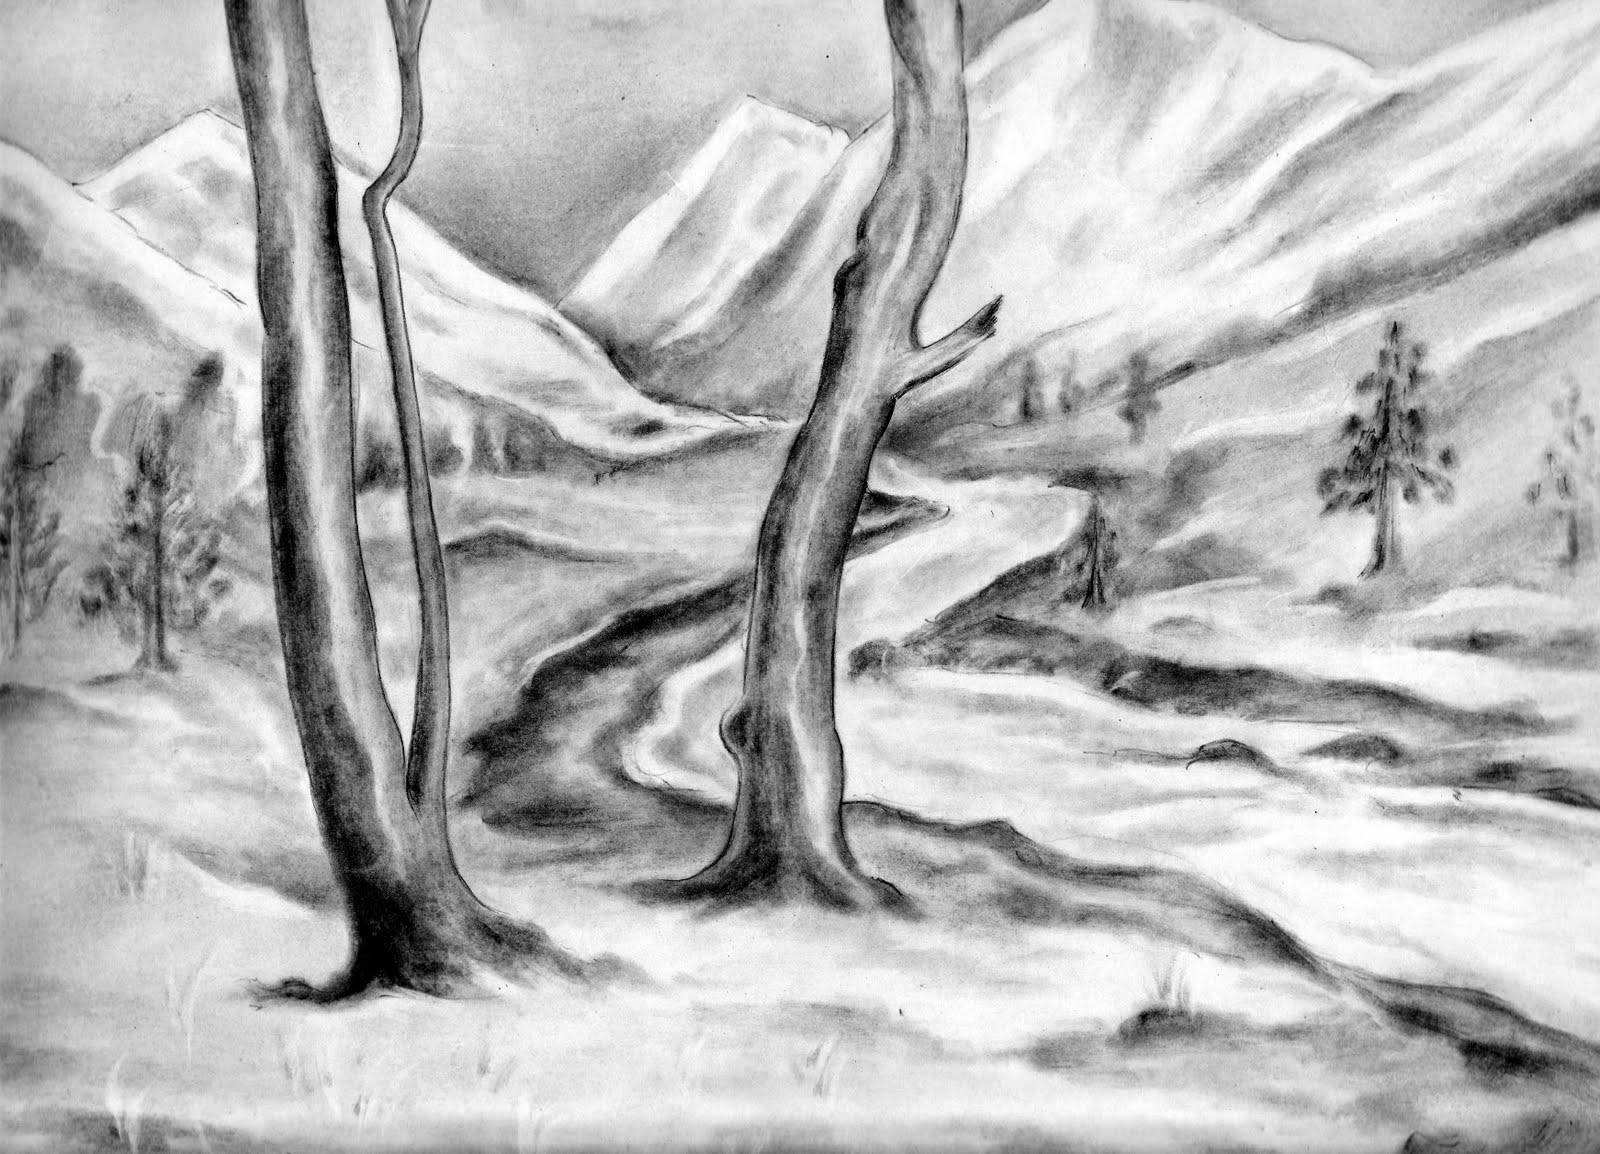 постоянно рисунки простым карандашом поэтапно пейзаж изготавливаем реализуем недорогие